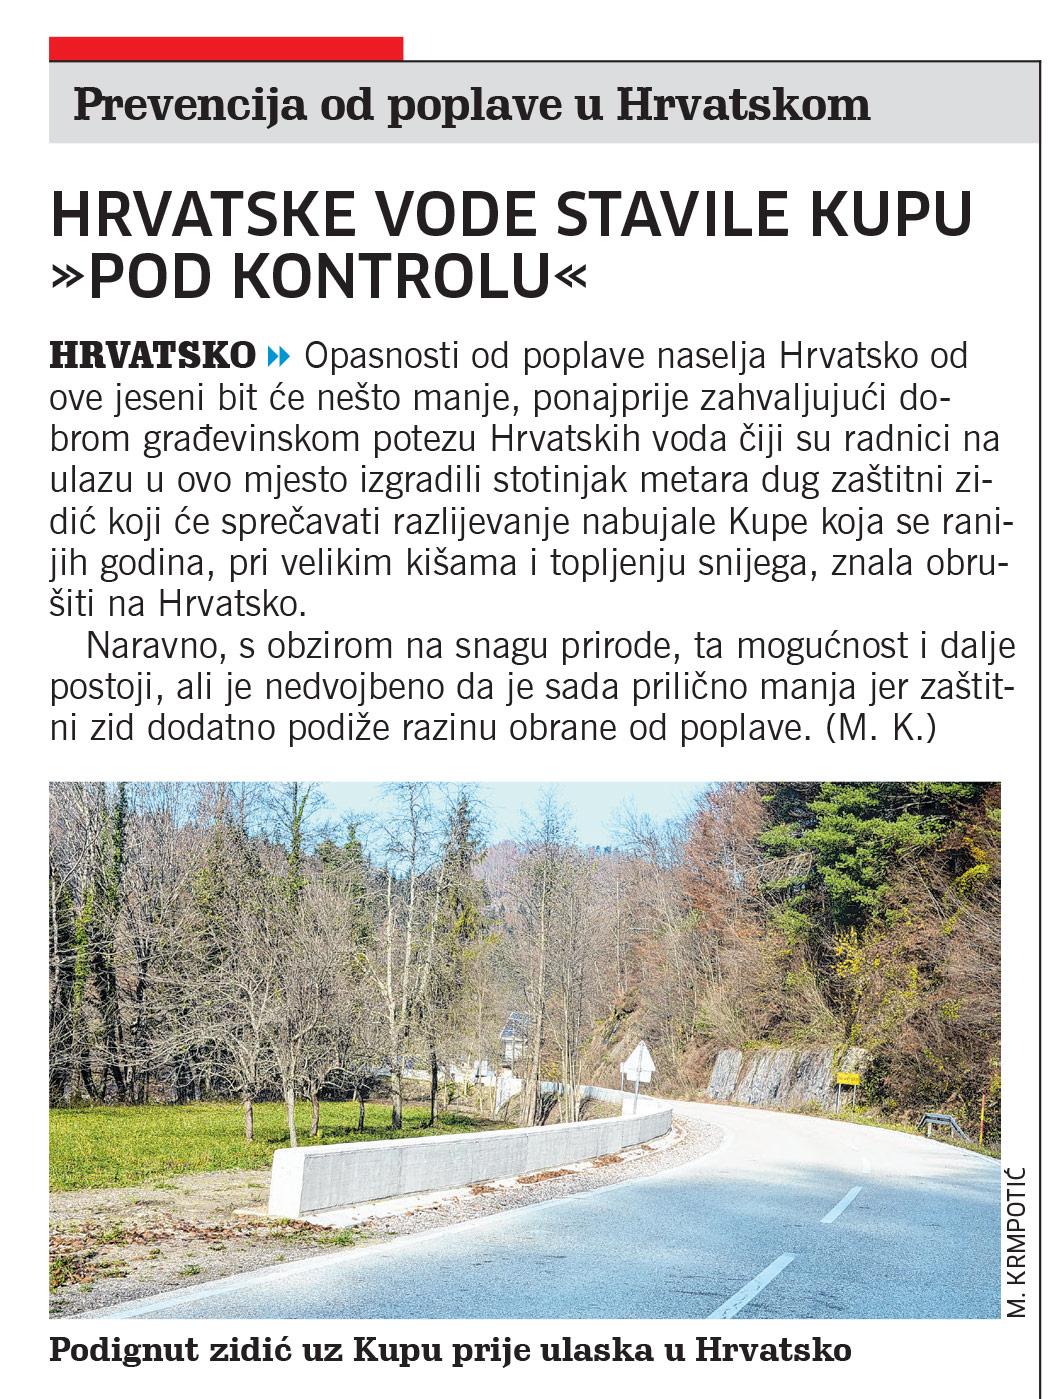 članak, novi list, hrvatsko, hrvatske vode, zid